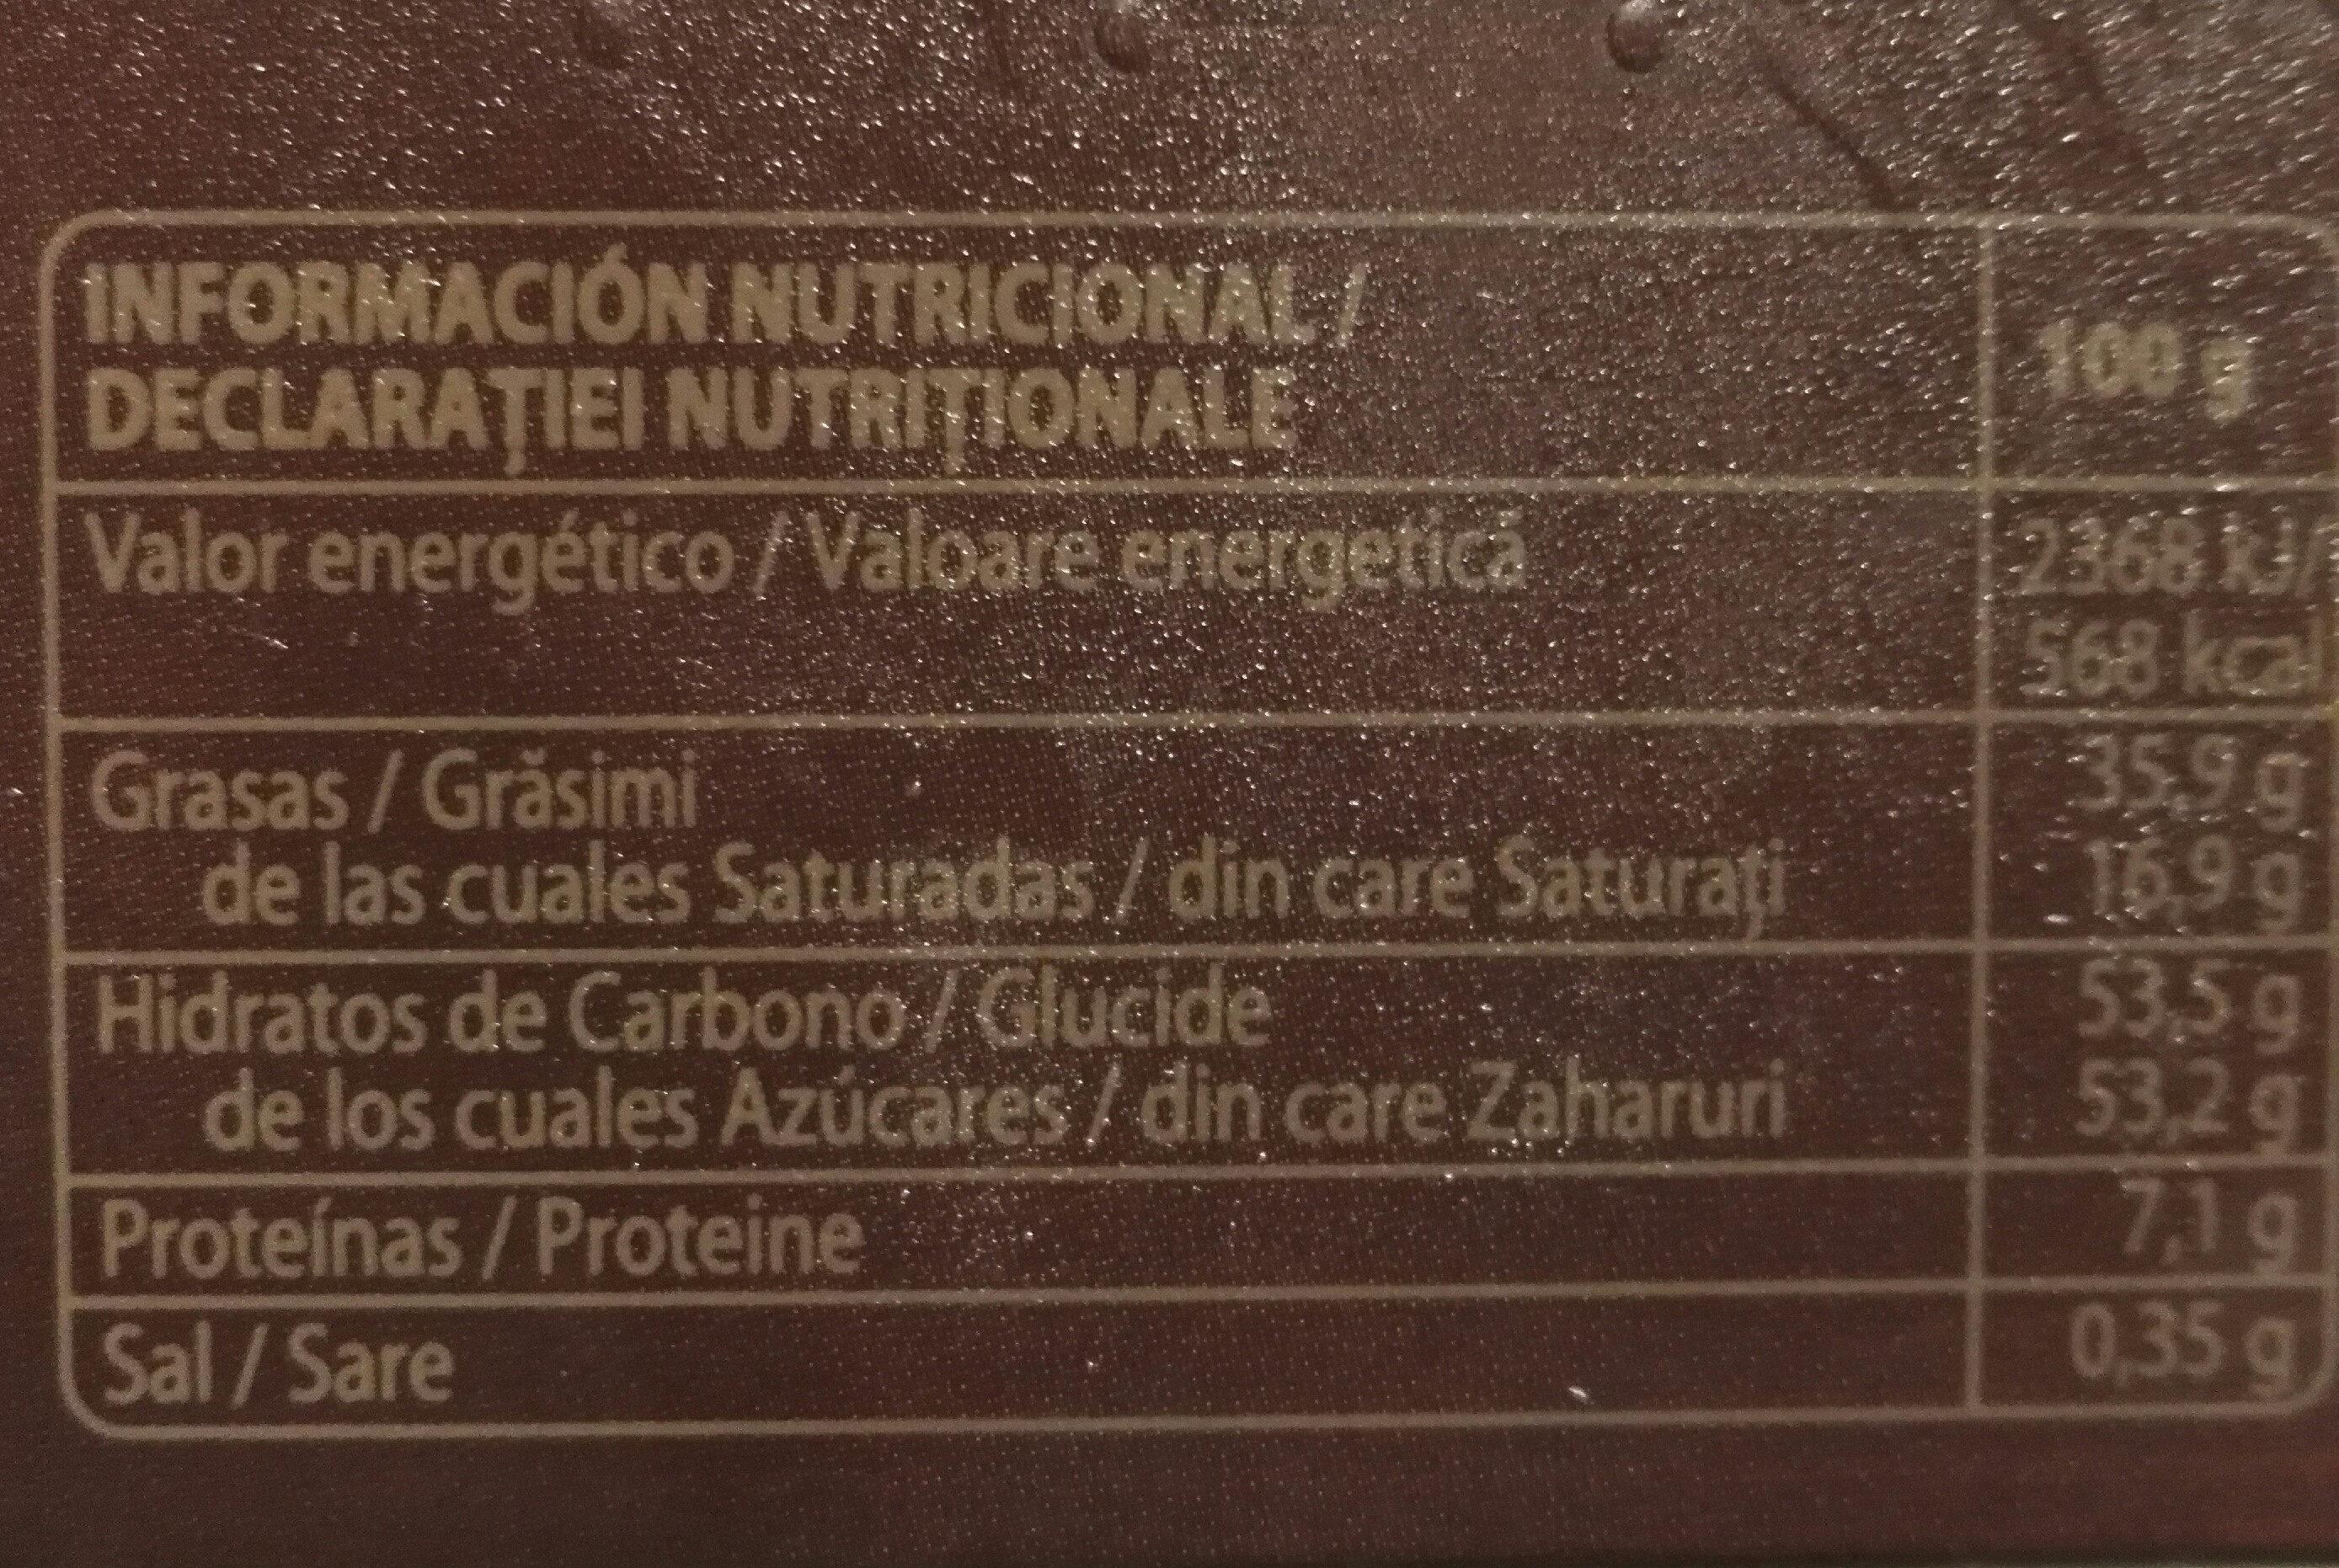 Turrón de praliné crema catalana - Informations nutritionnelles